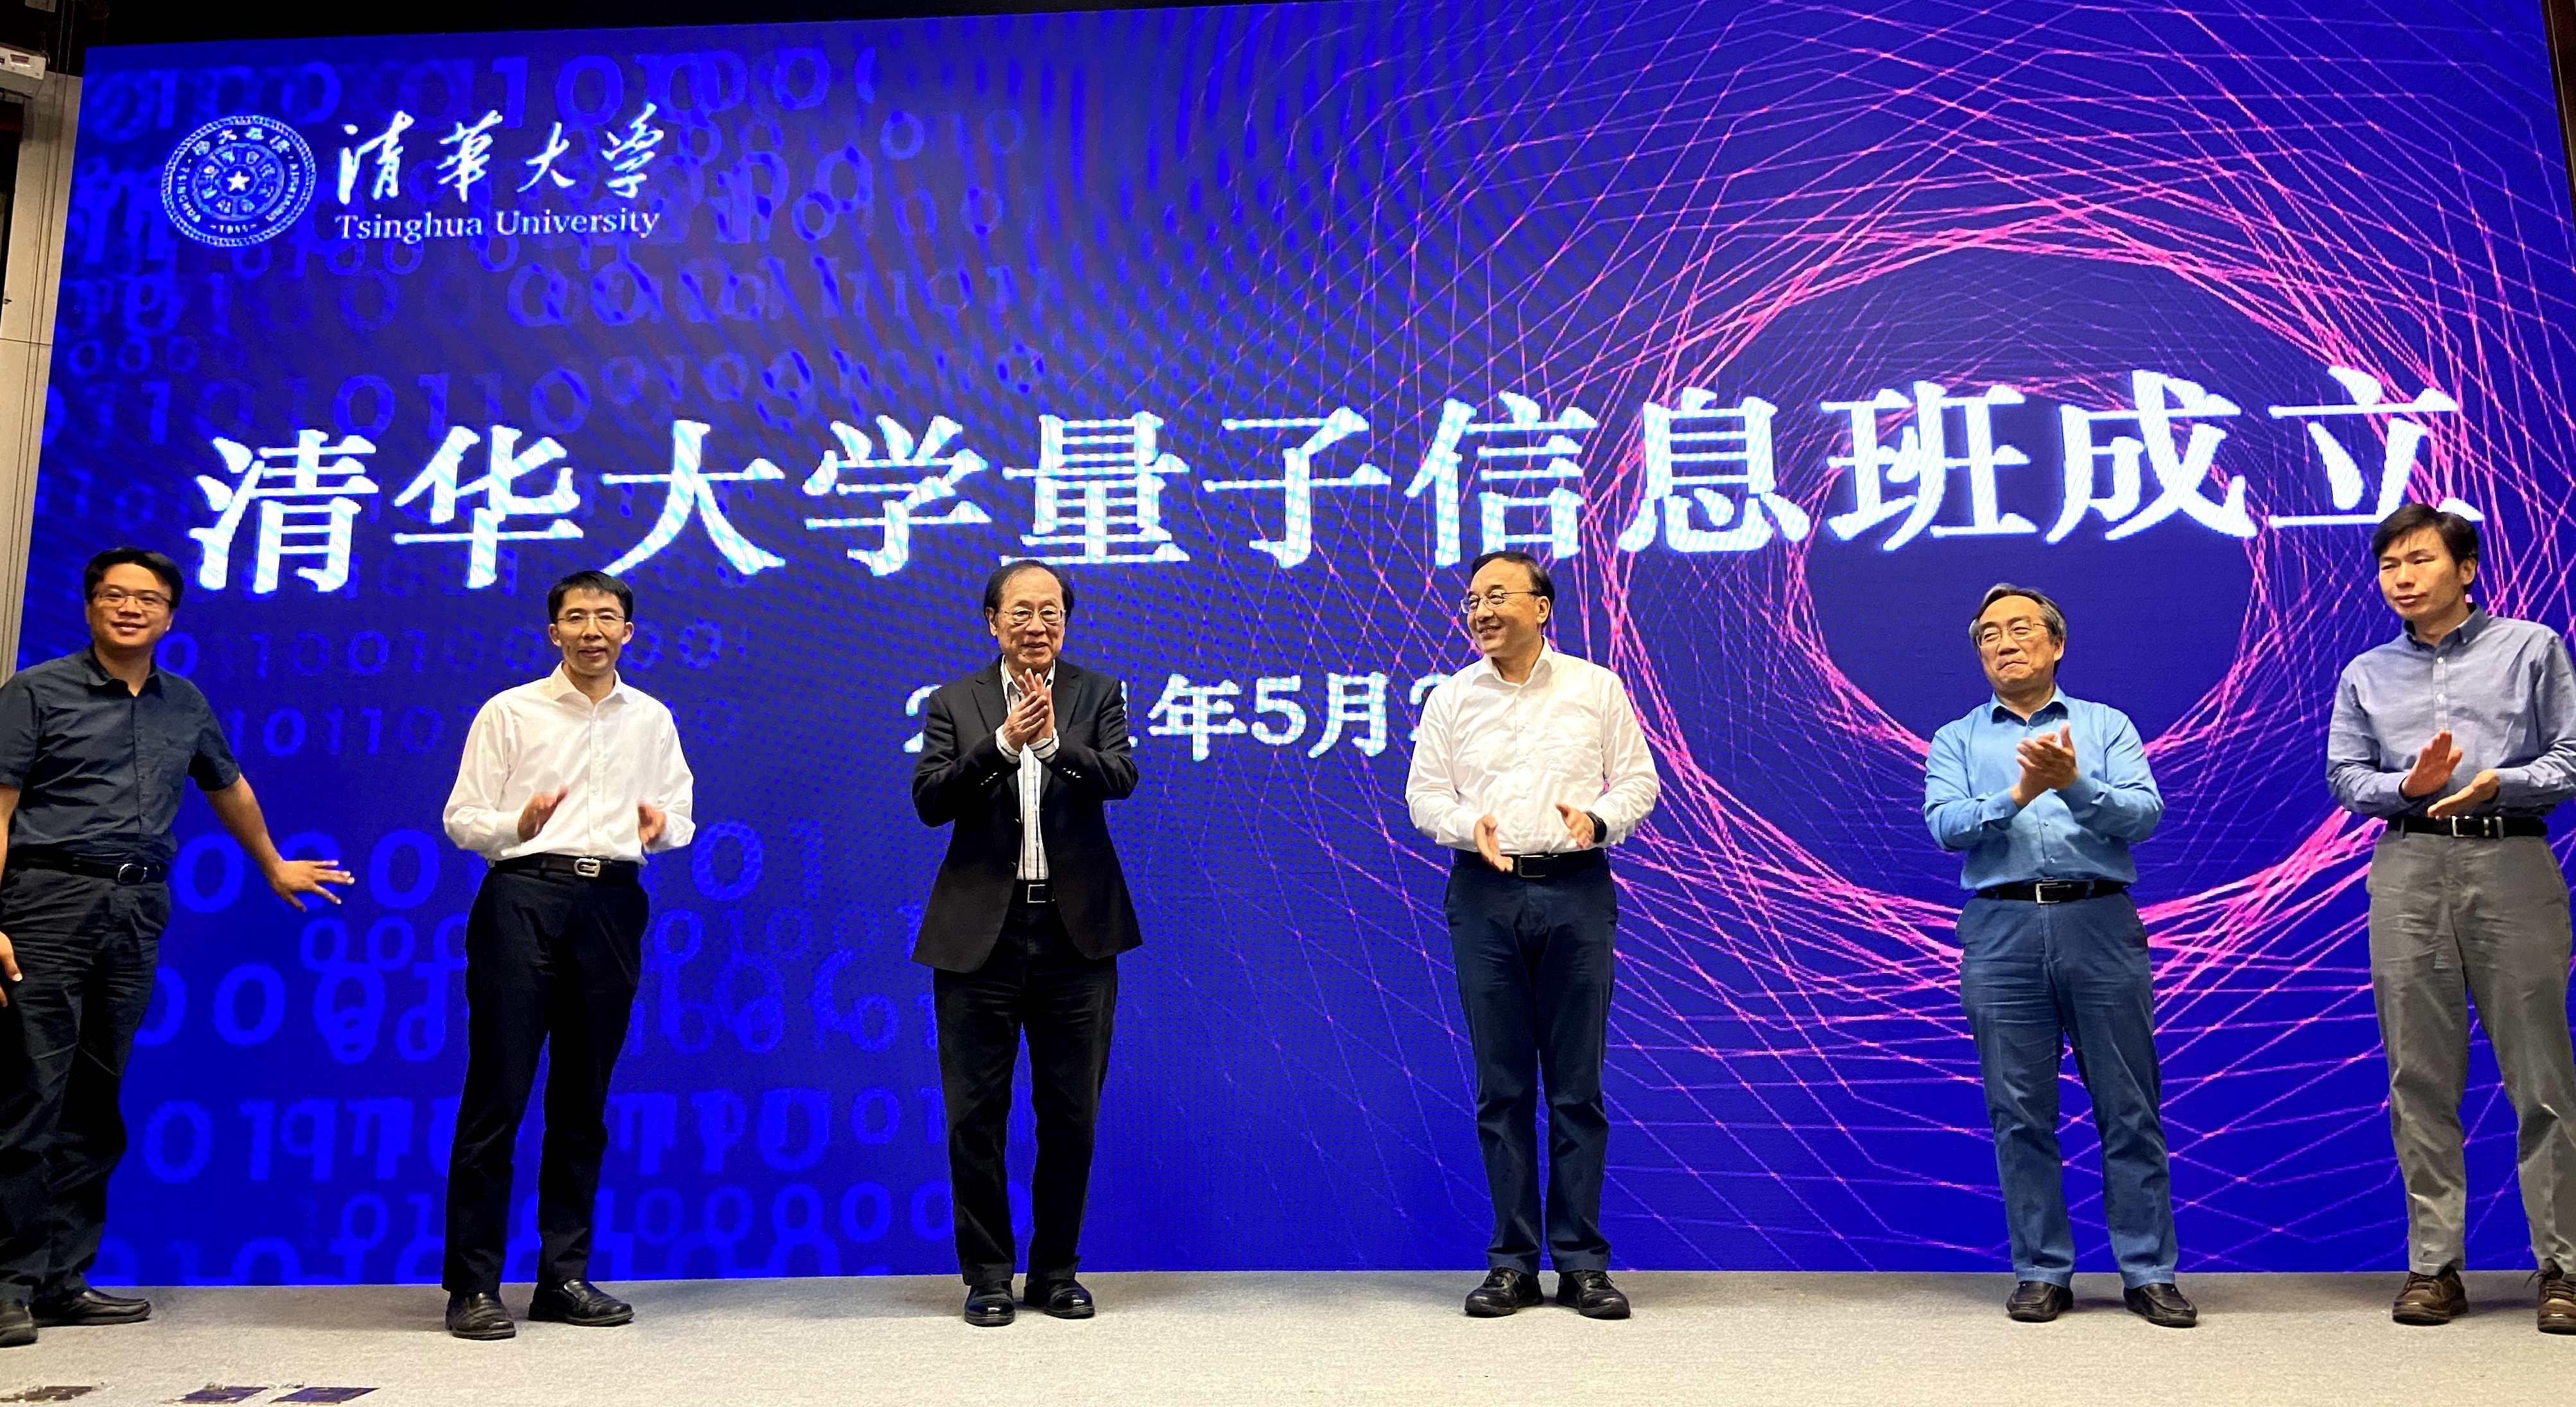 ↑2021年5月24日,清华大学成立量子信息班,由姚期智(左三)担任首席教授。新华每日电讯记者魏梦佳摄